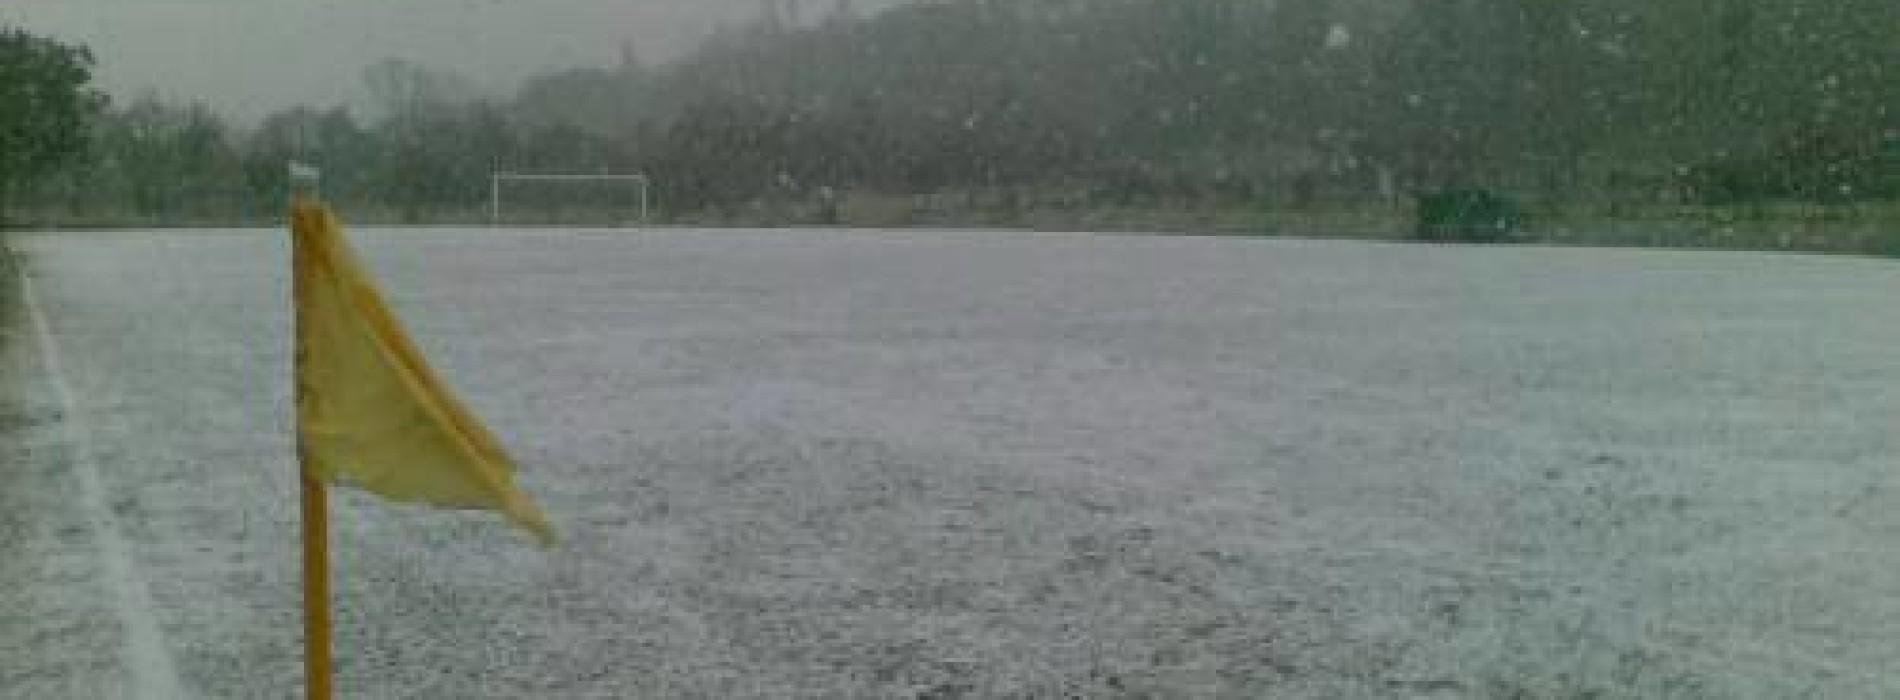 Maltempo, rinviate le gare odierne di calcio a 11 di ogni categoria